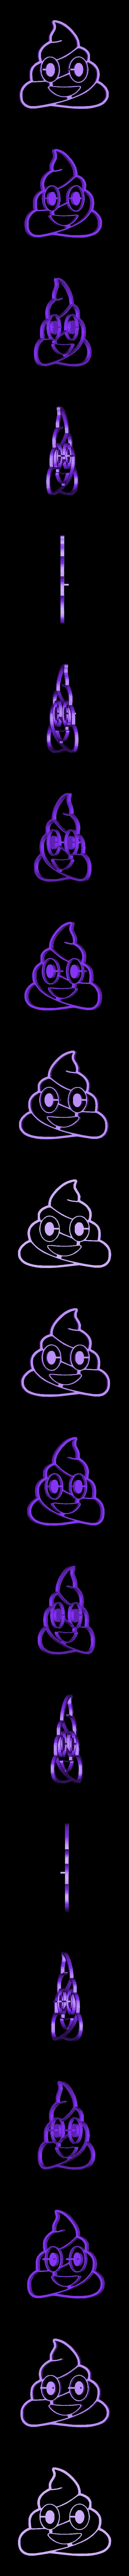 poop_emoji_letter_board.stl Download free STL file Poop Emoji for letter board • 3D print design, rtbrown560